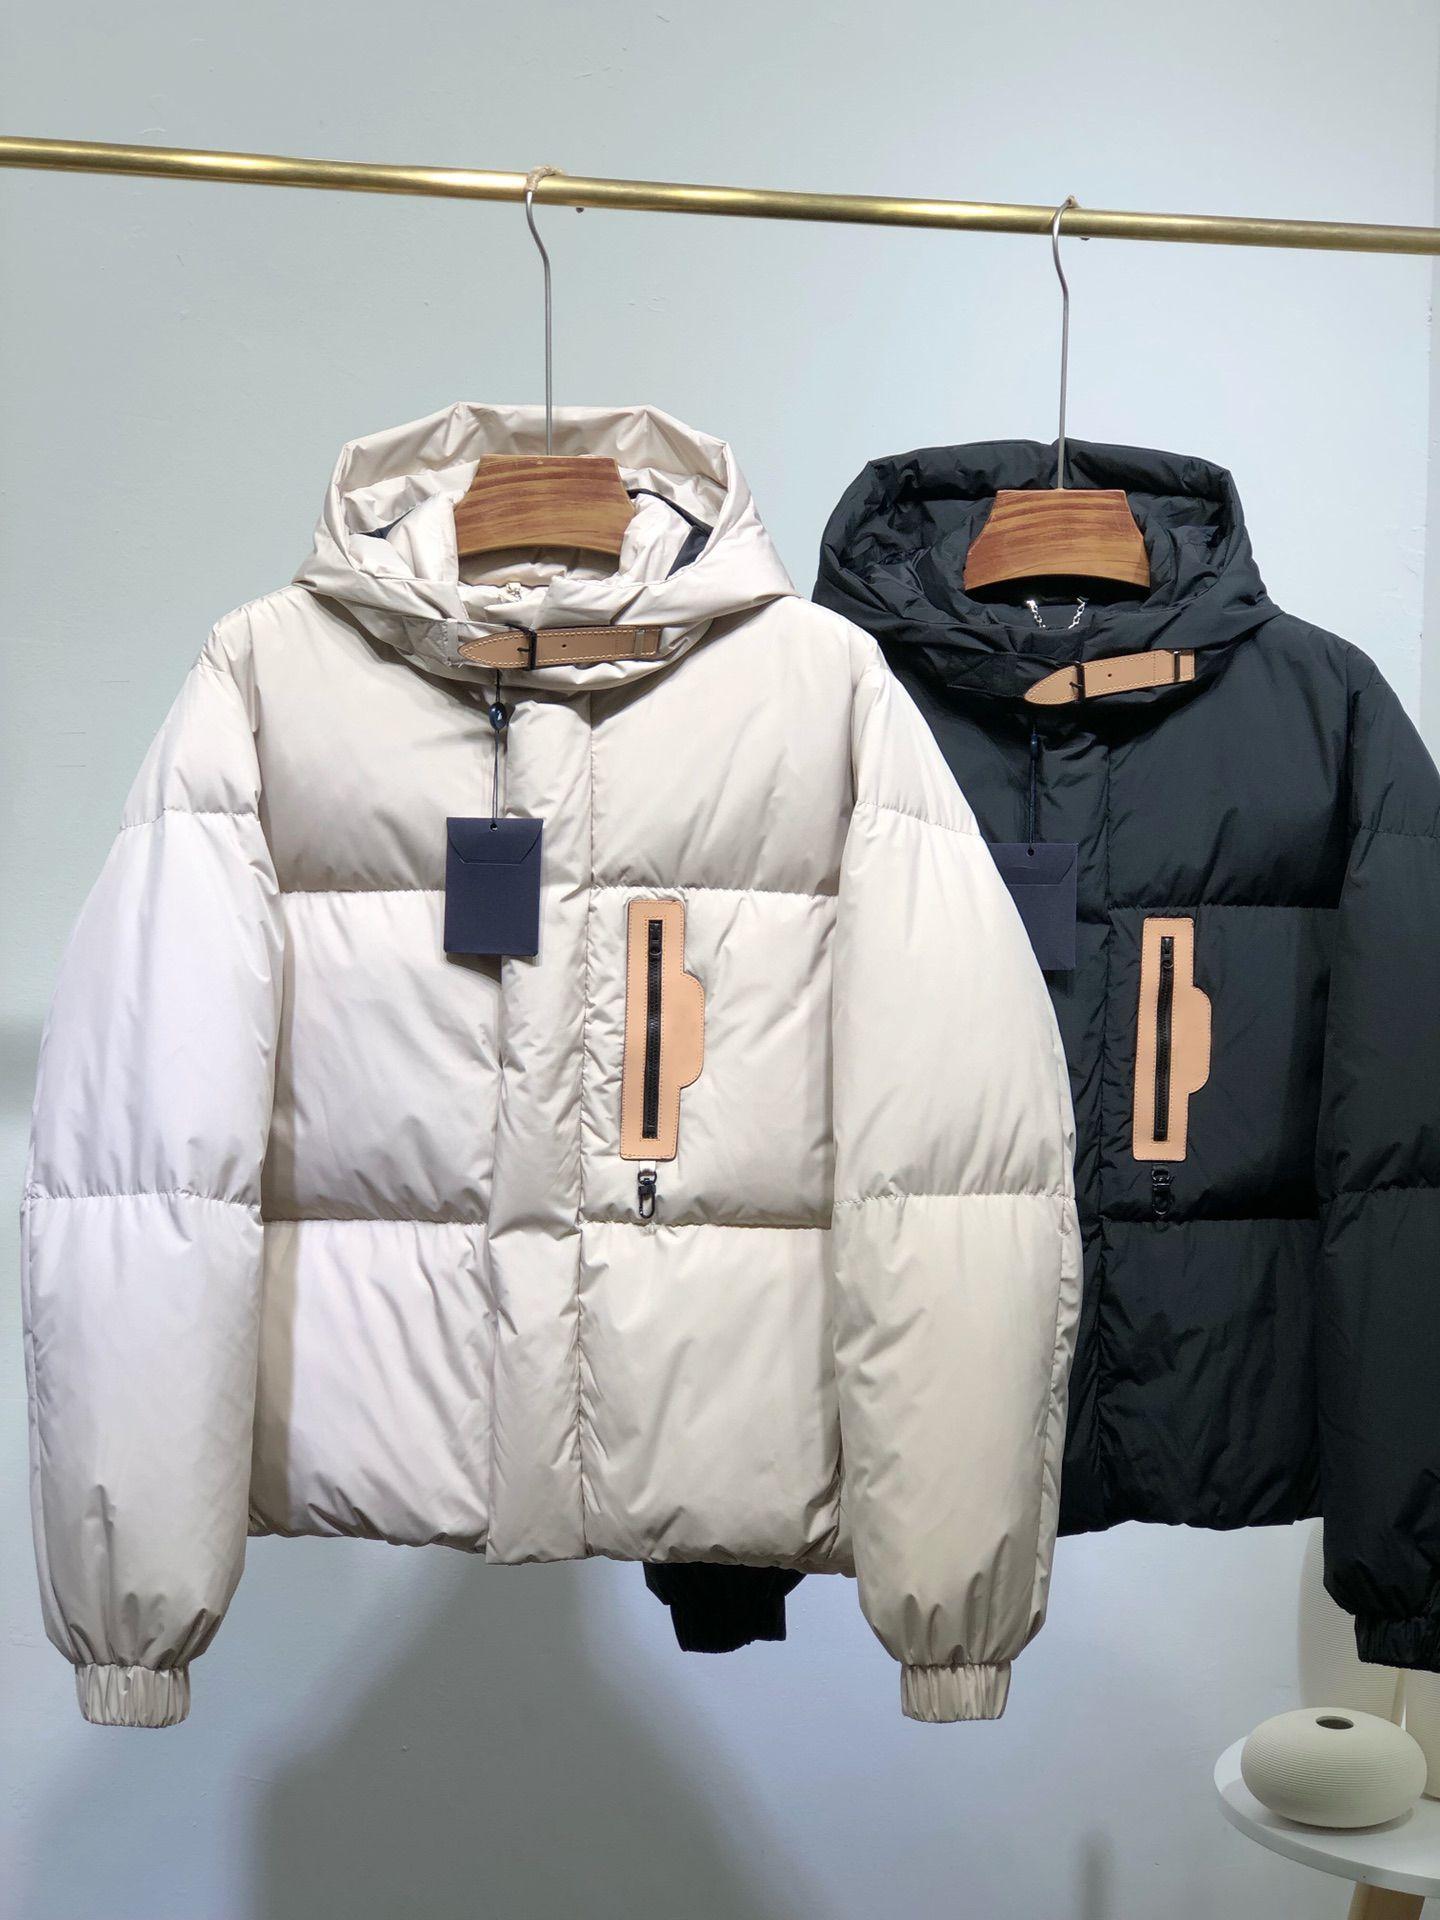 2020 망 겨울 코트 클래식 패션 인기있는 짧은 스타일 다운 재킷 방풍 고전 고밀도 방수 방수 A 아시아 크기 아래로 후드